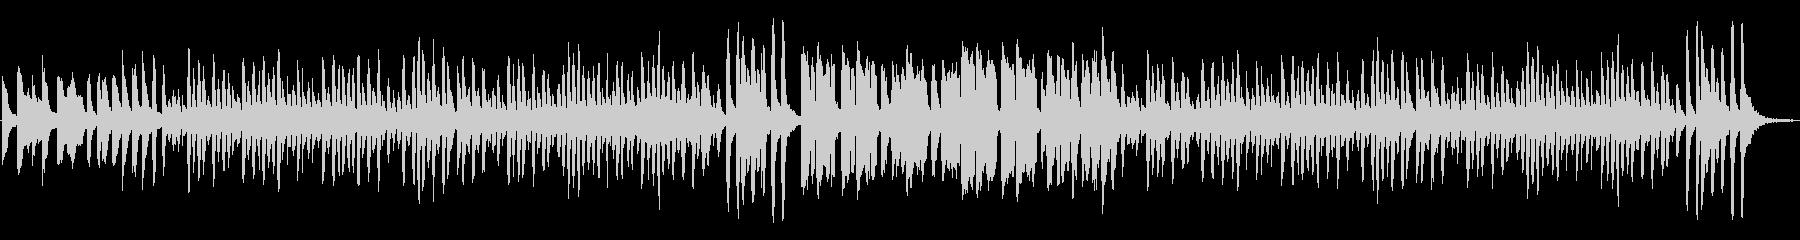 ほのぼの日常、コミカルでルンルンな曲Cの未再生の波形